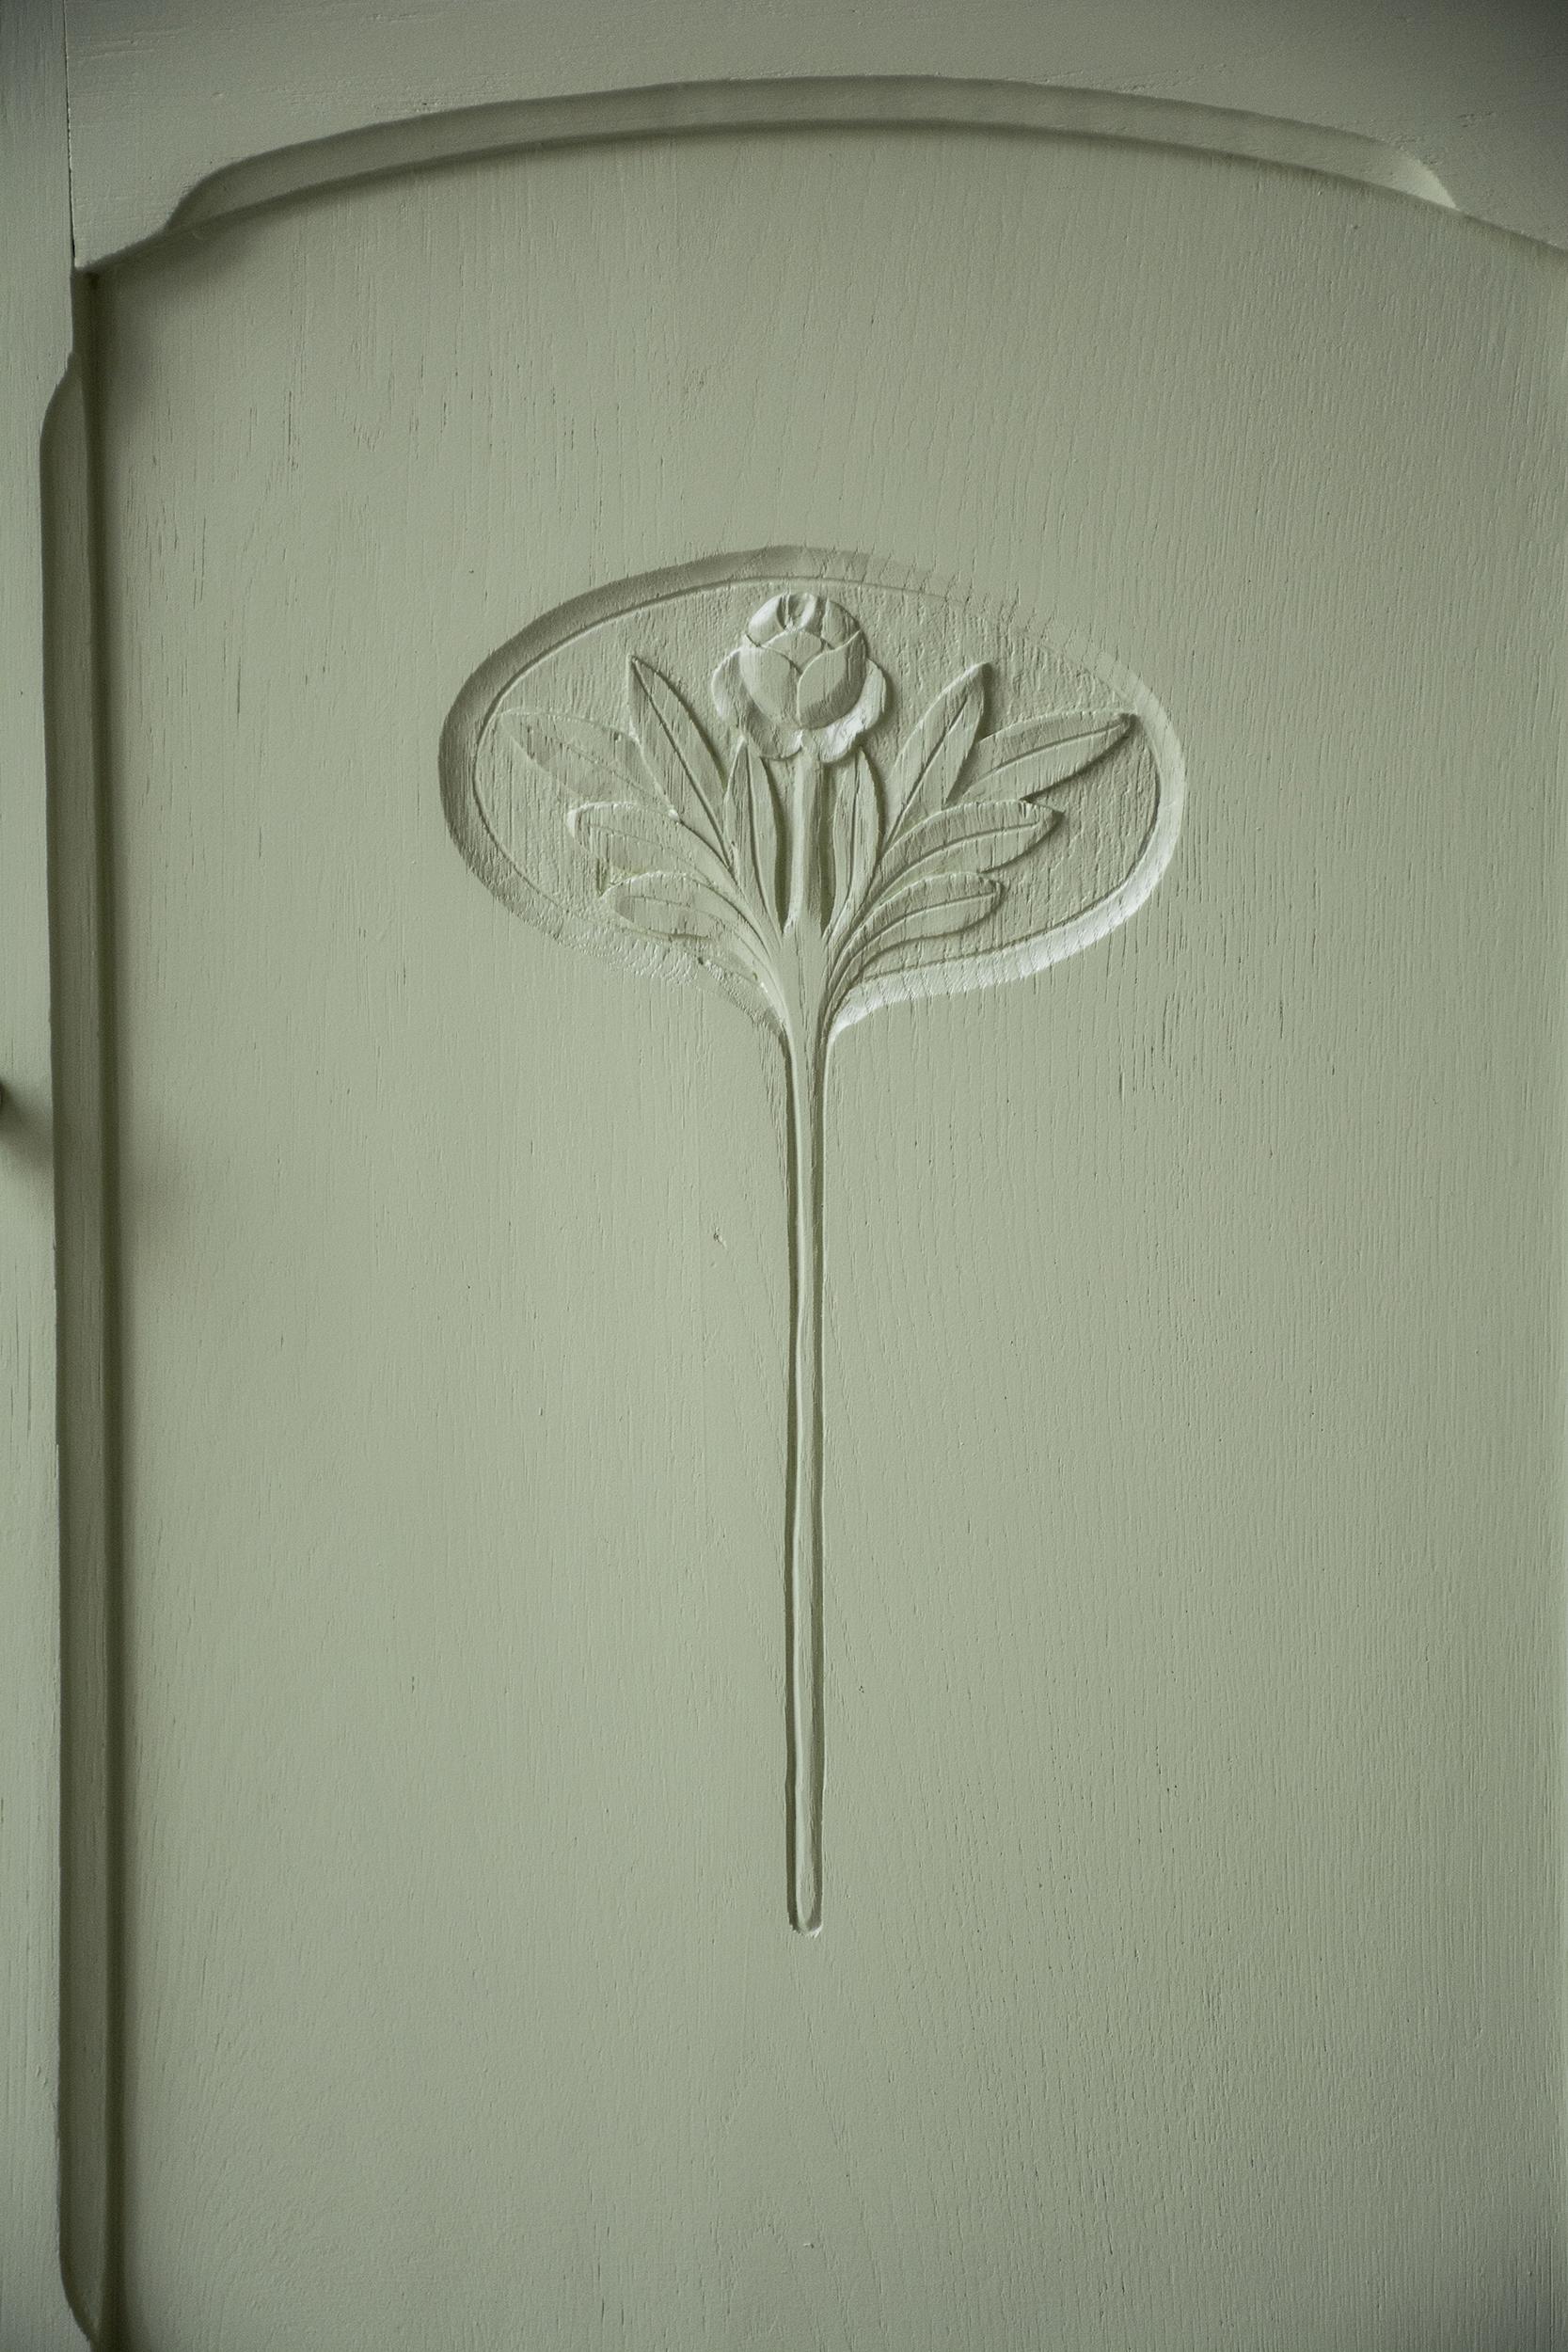 Frisgroene vintage commode met houtsnijwerk - Firma Zoethout_4.jpg